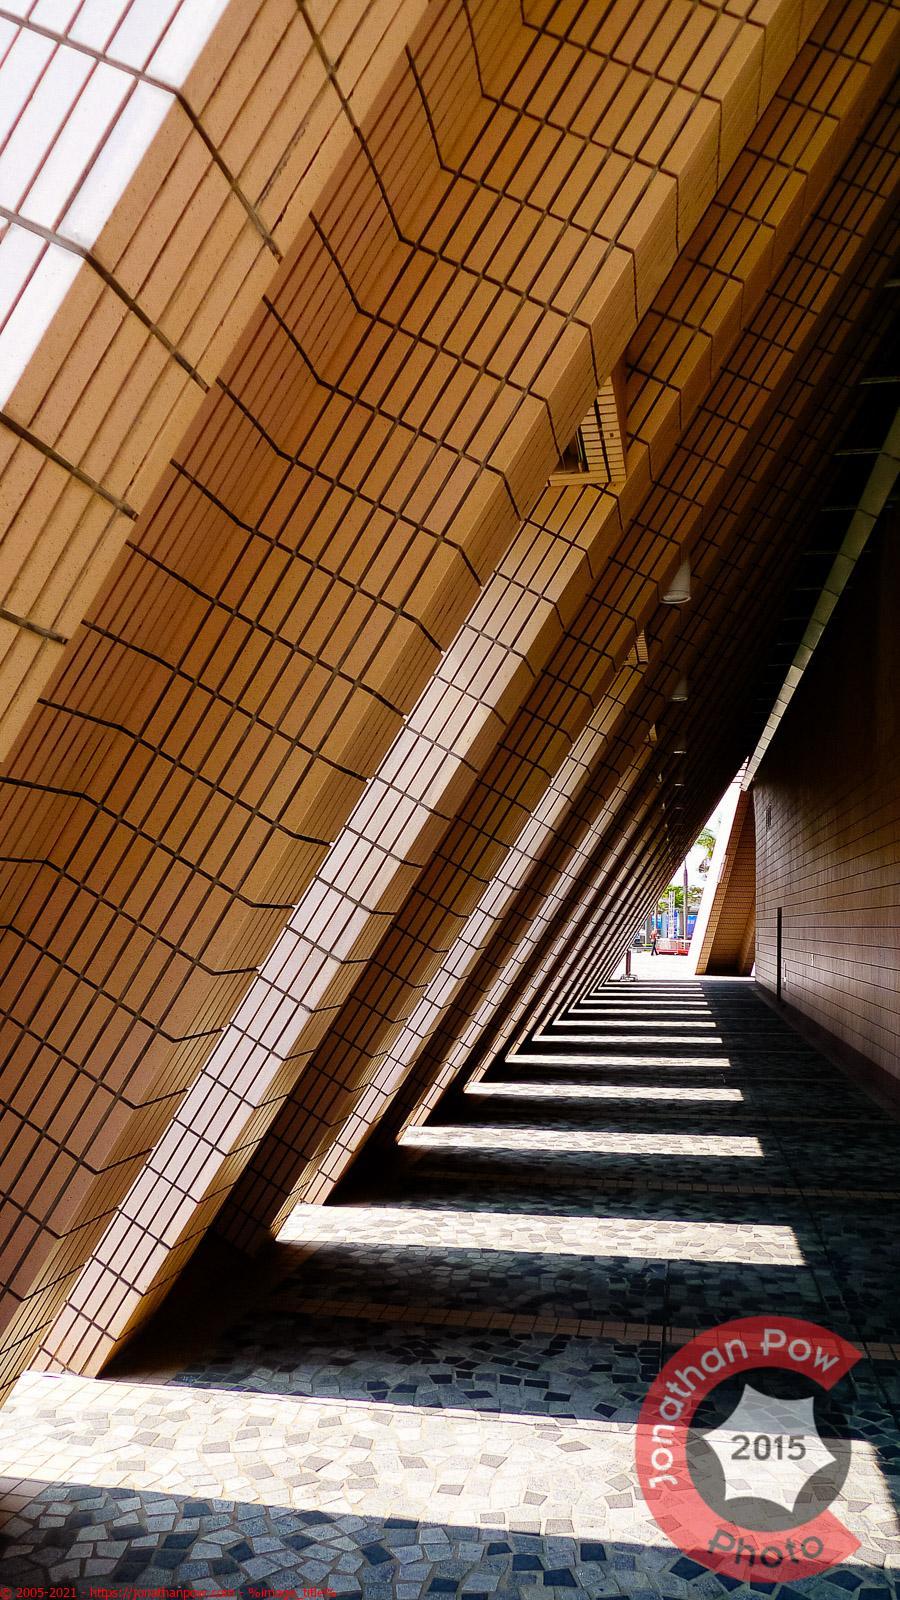 A tunnel of angles and light, Hong Kong